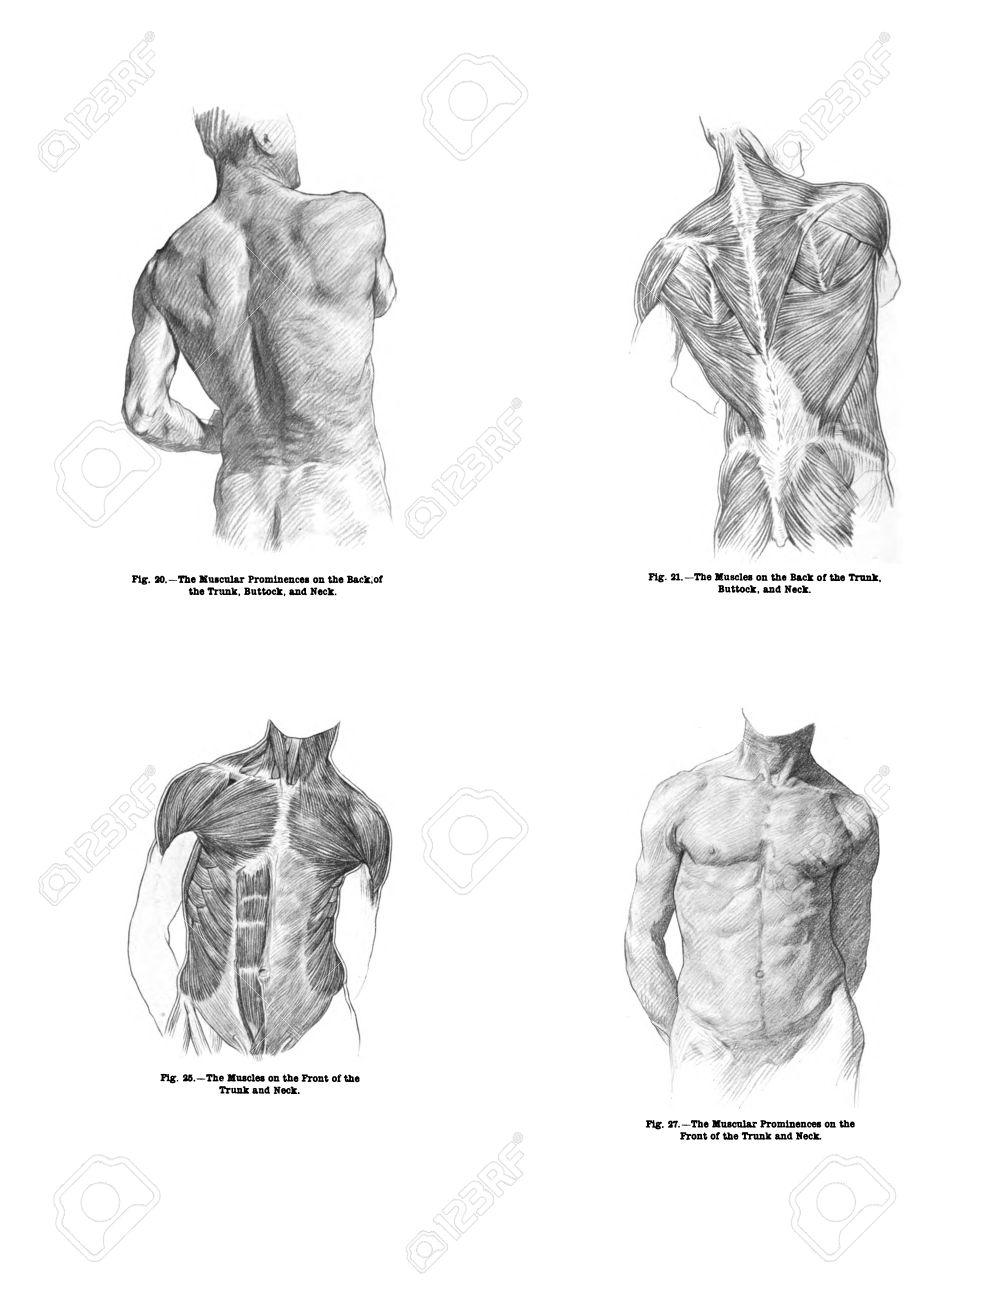 4 Opiniones De Los Músculos De La Espalda Y El Torso Humanos, De ...